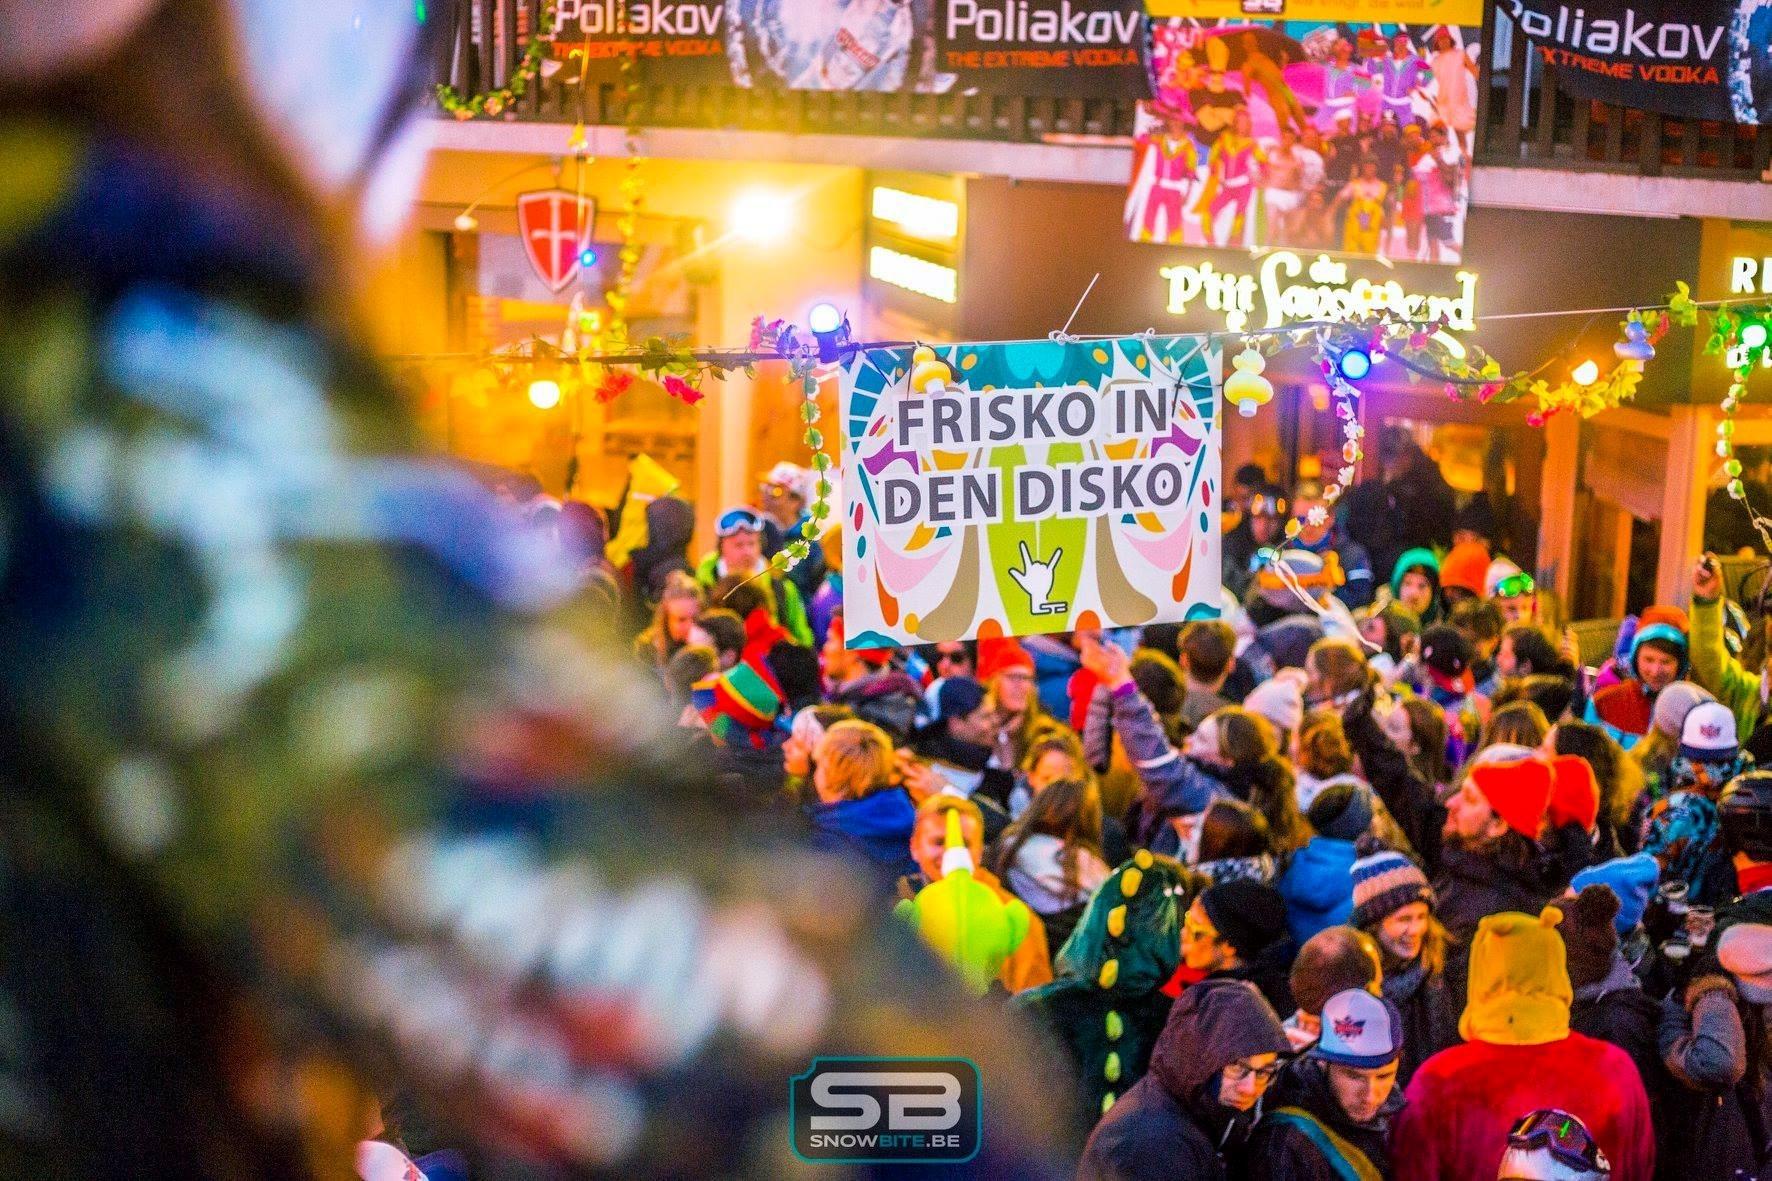 FRISKO IN DEN DISCO #waanzinnige feestjes op unieke locaties